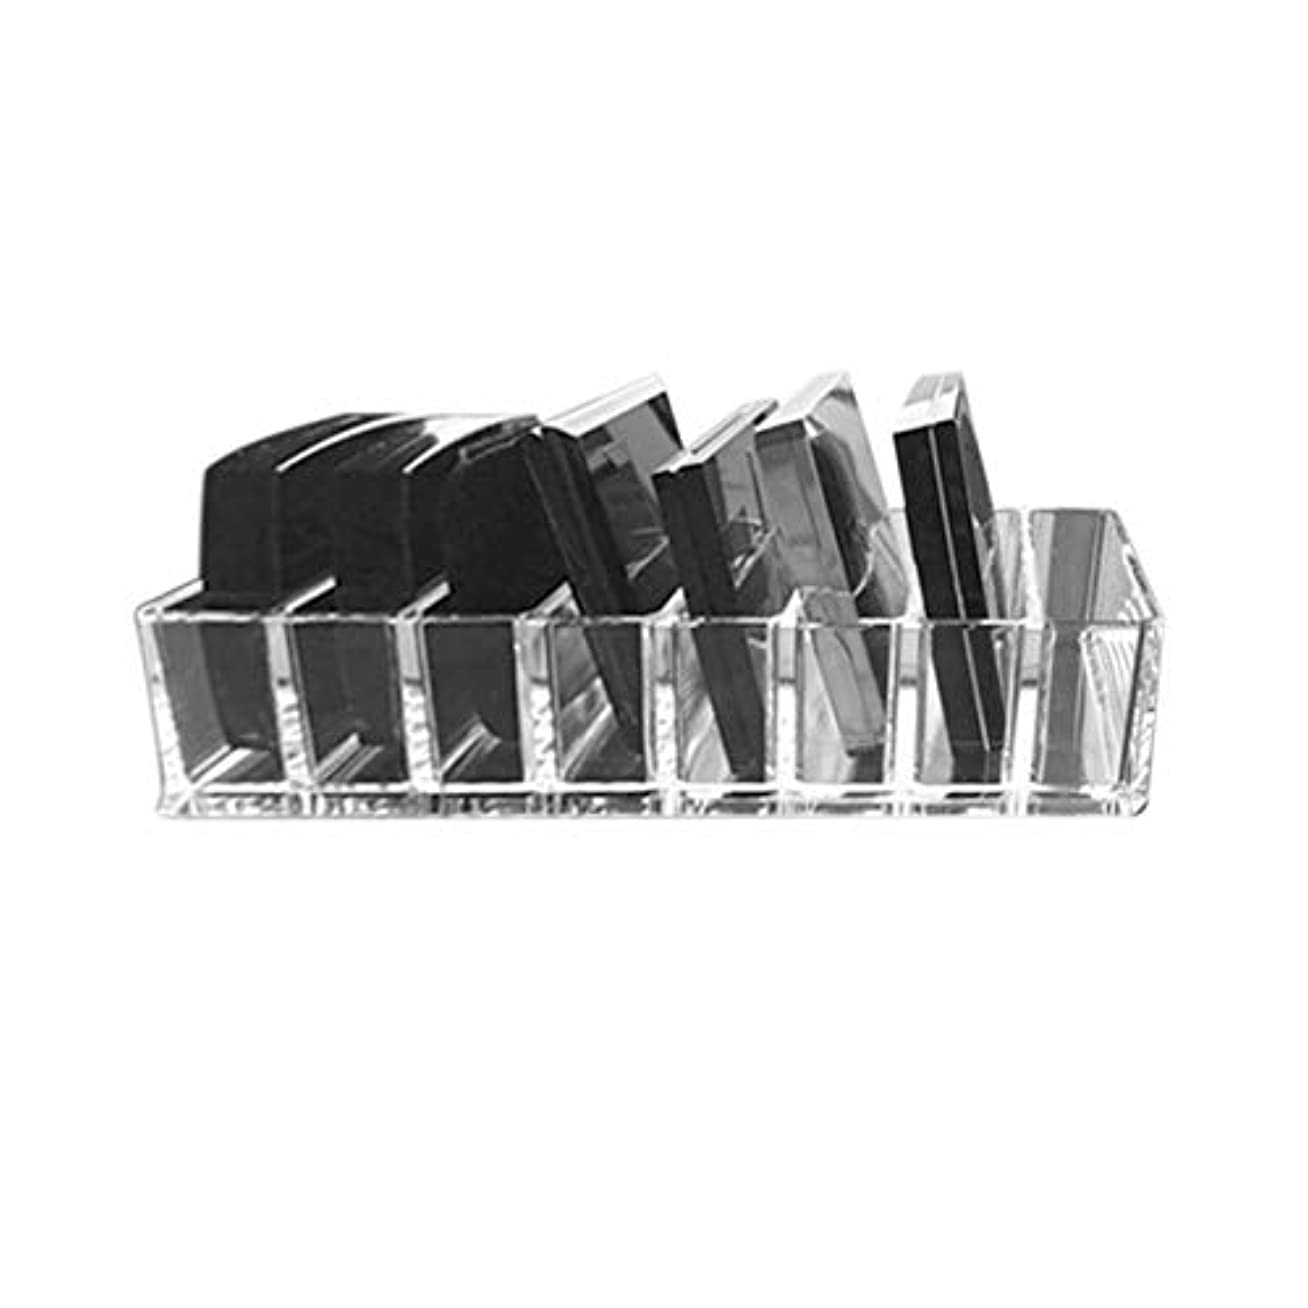 Saikogoods 実用的な透明アクリルメイクアレンジストレージボックスリップスティックホルダー透明なマルチスロットデスクトップ化粧品オーガナイザー トランスペアレント